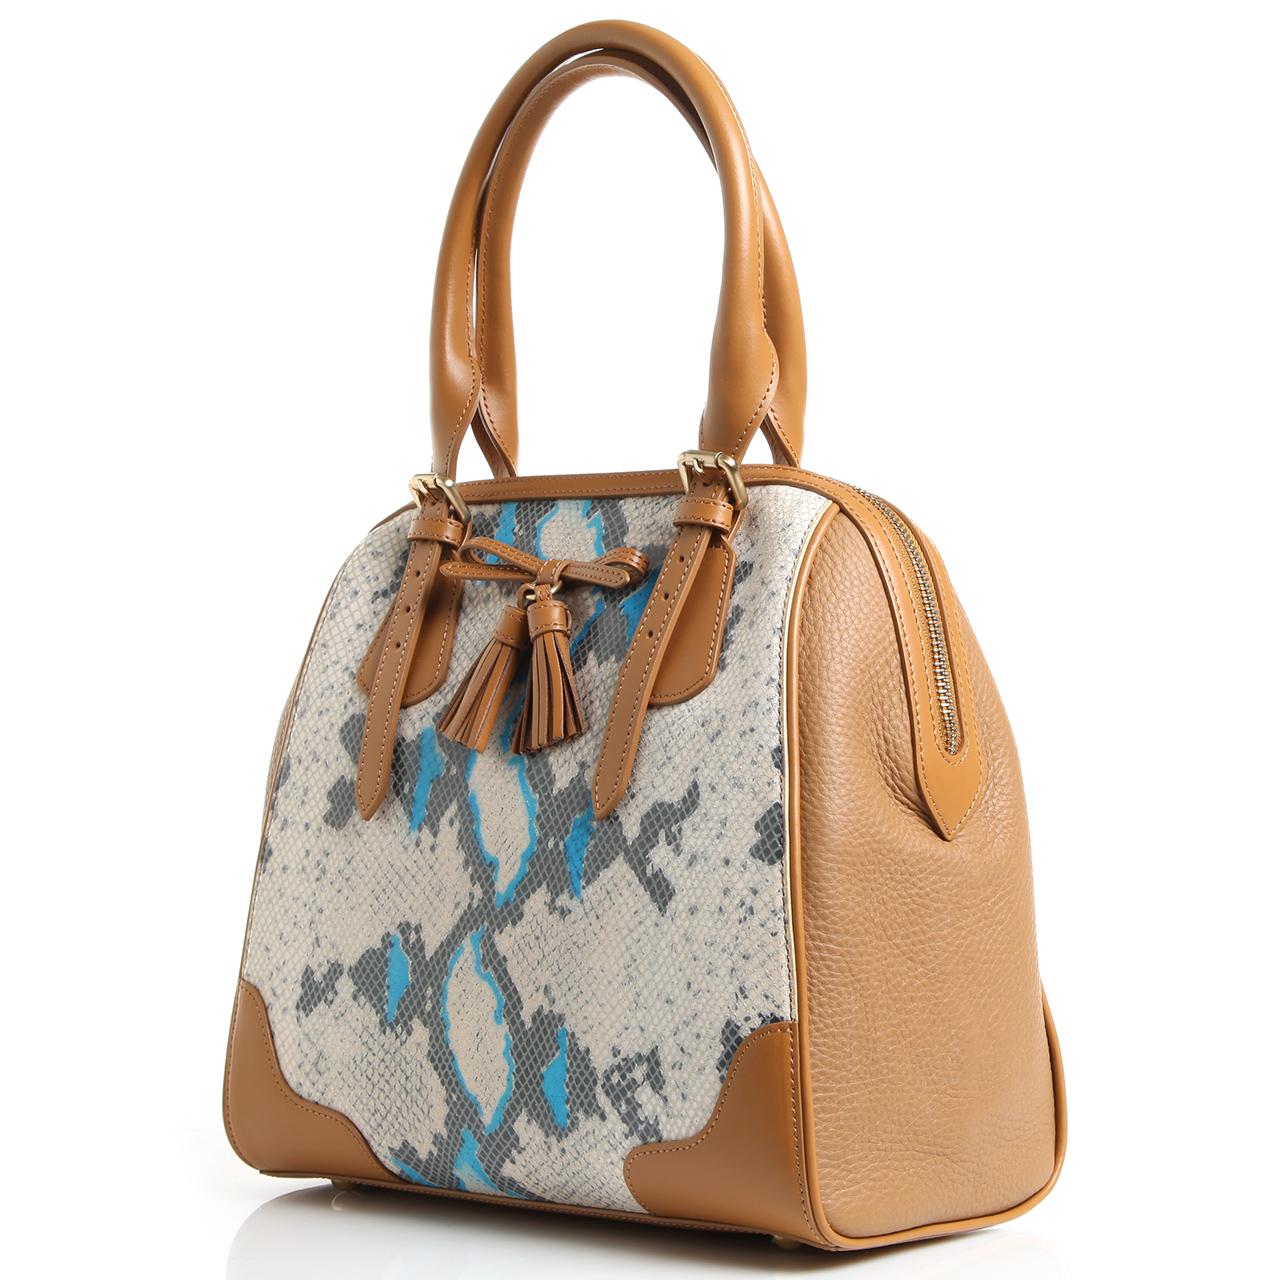 fc60df78e679 Кожаные сумки купить в интернет-магазине Домани (Domani)